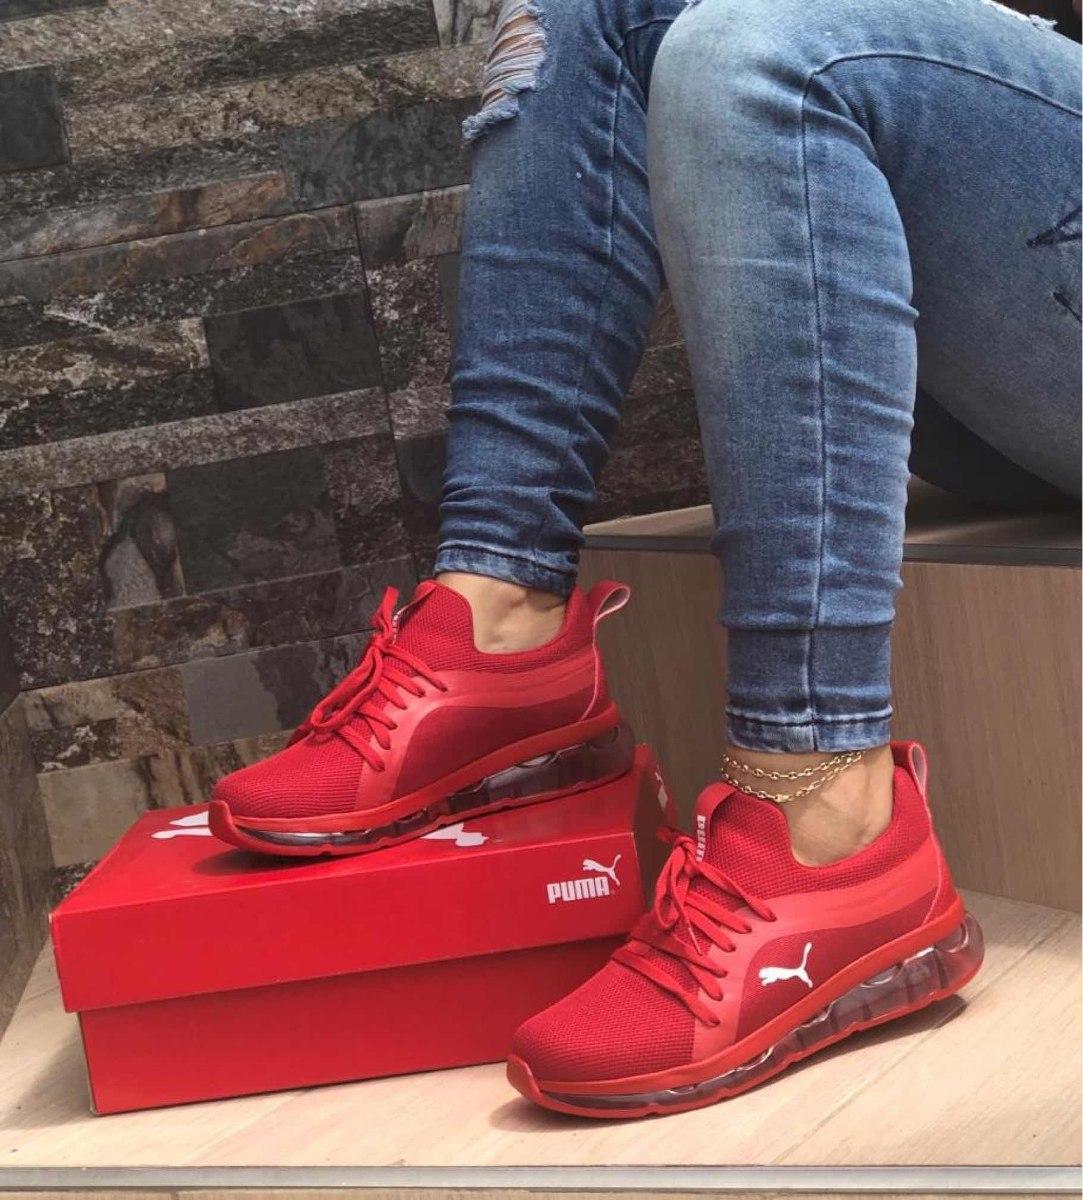 zapatos puma de dama 2019 75